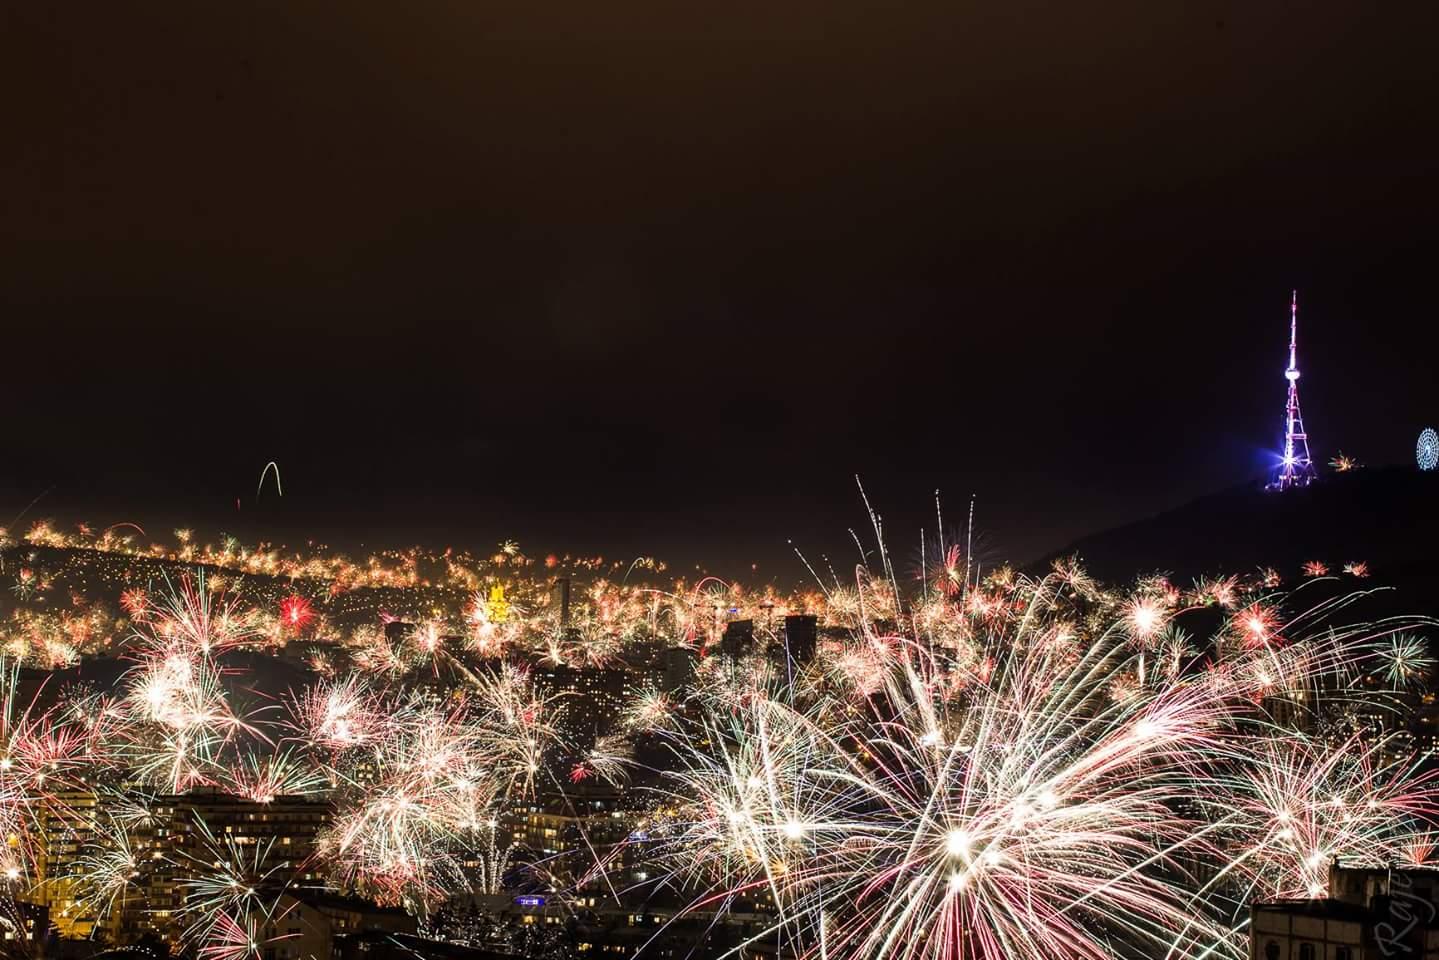 профессиональный видеооператор новый год фото грузия корни